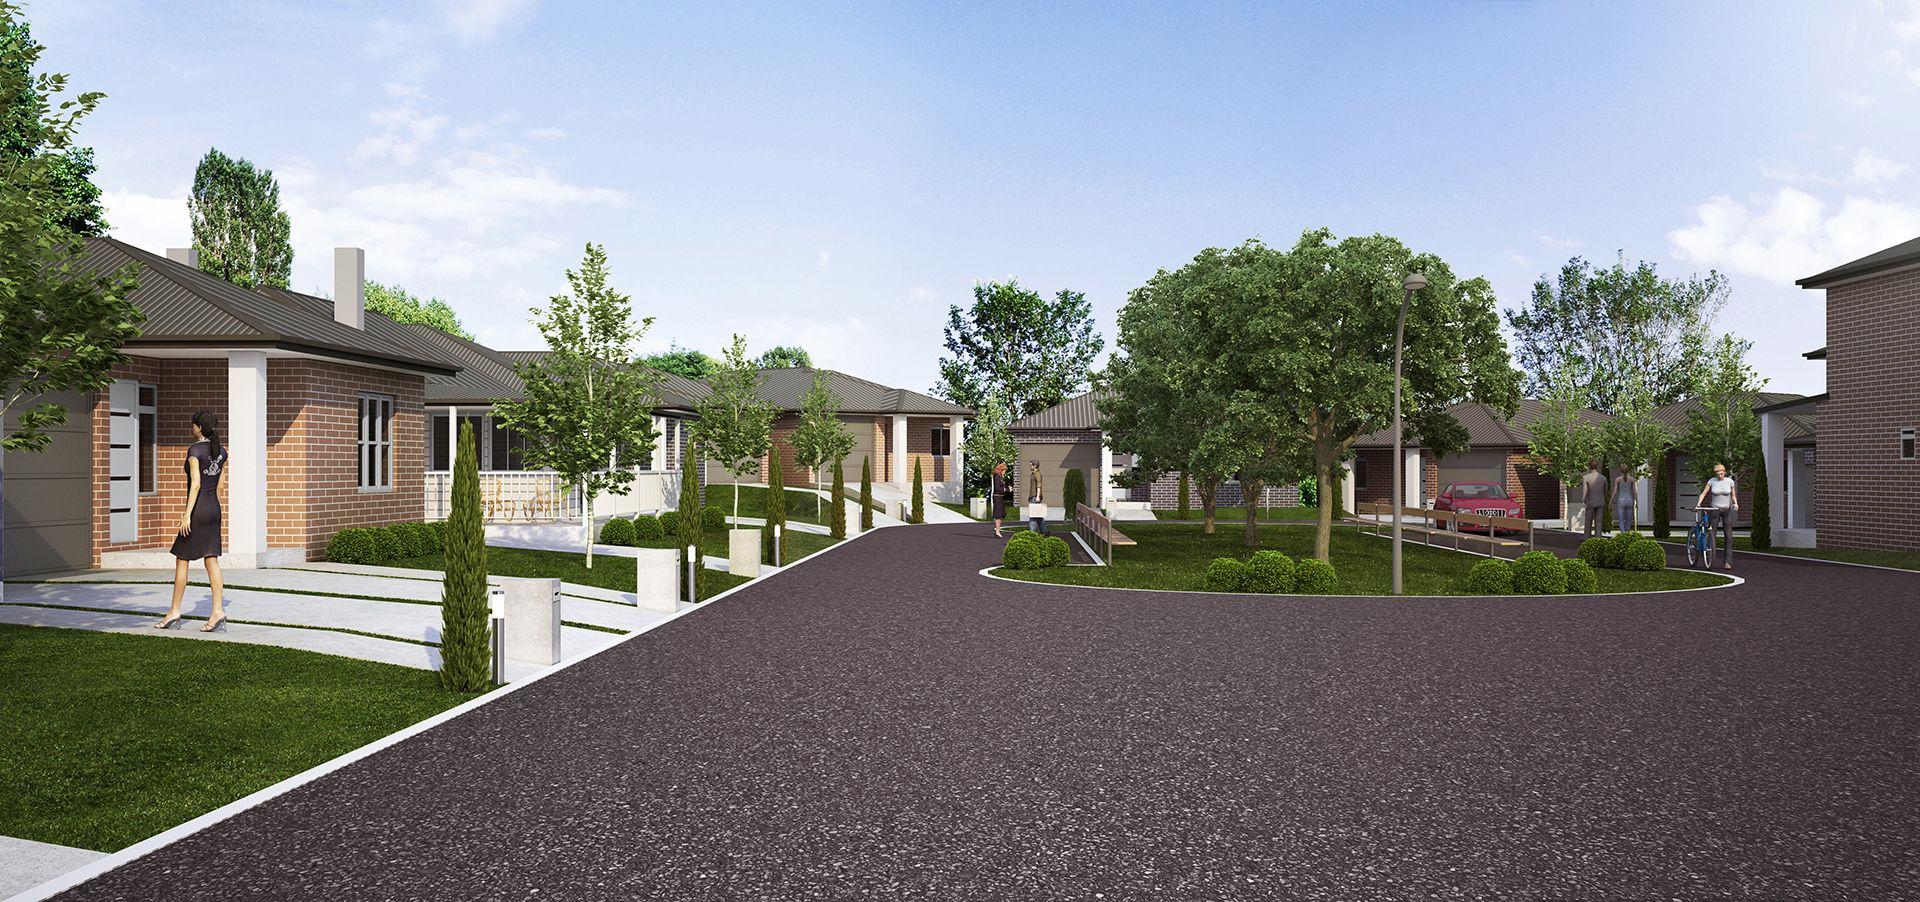 74 Cowper Street, Goulburn NSW 2580, Image 0